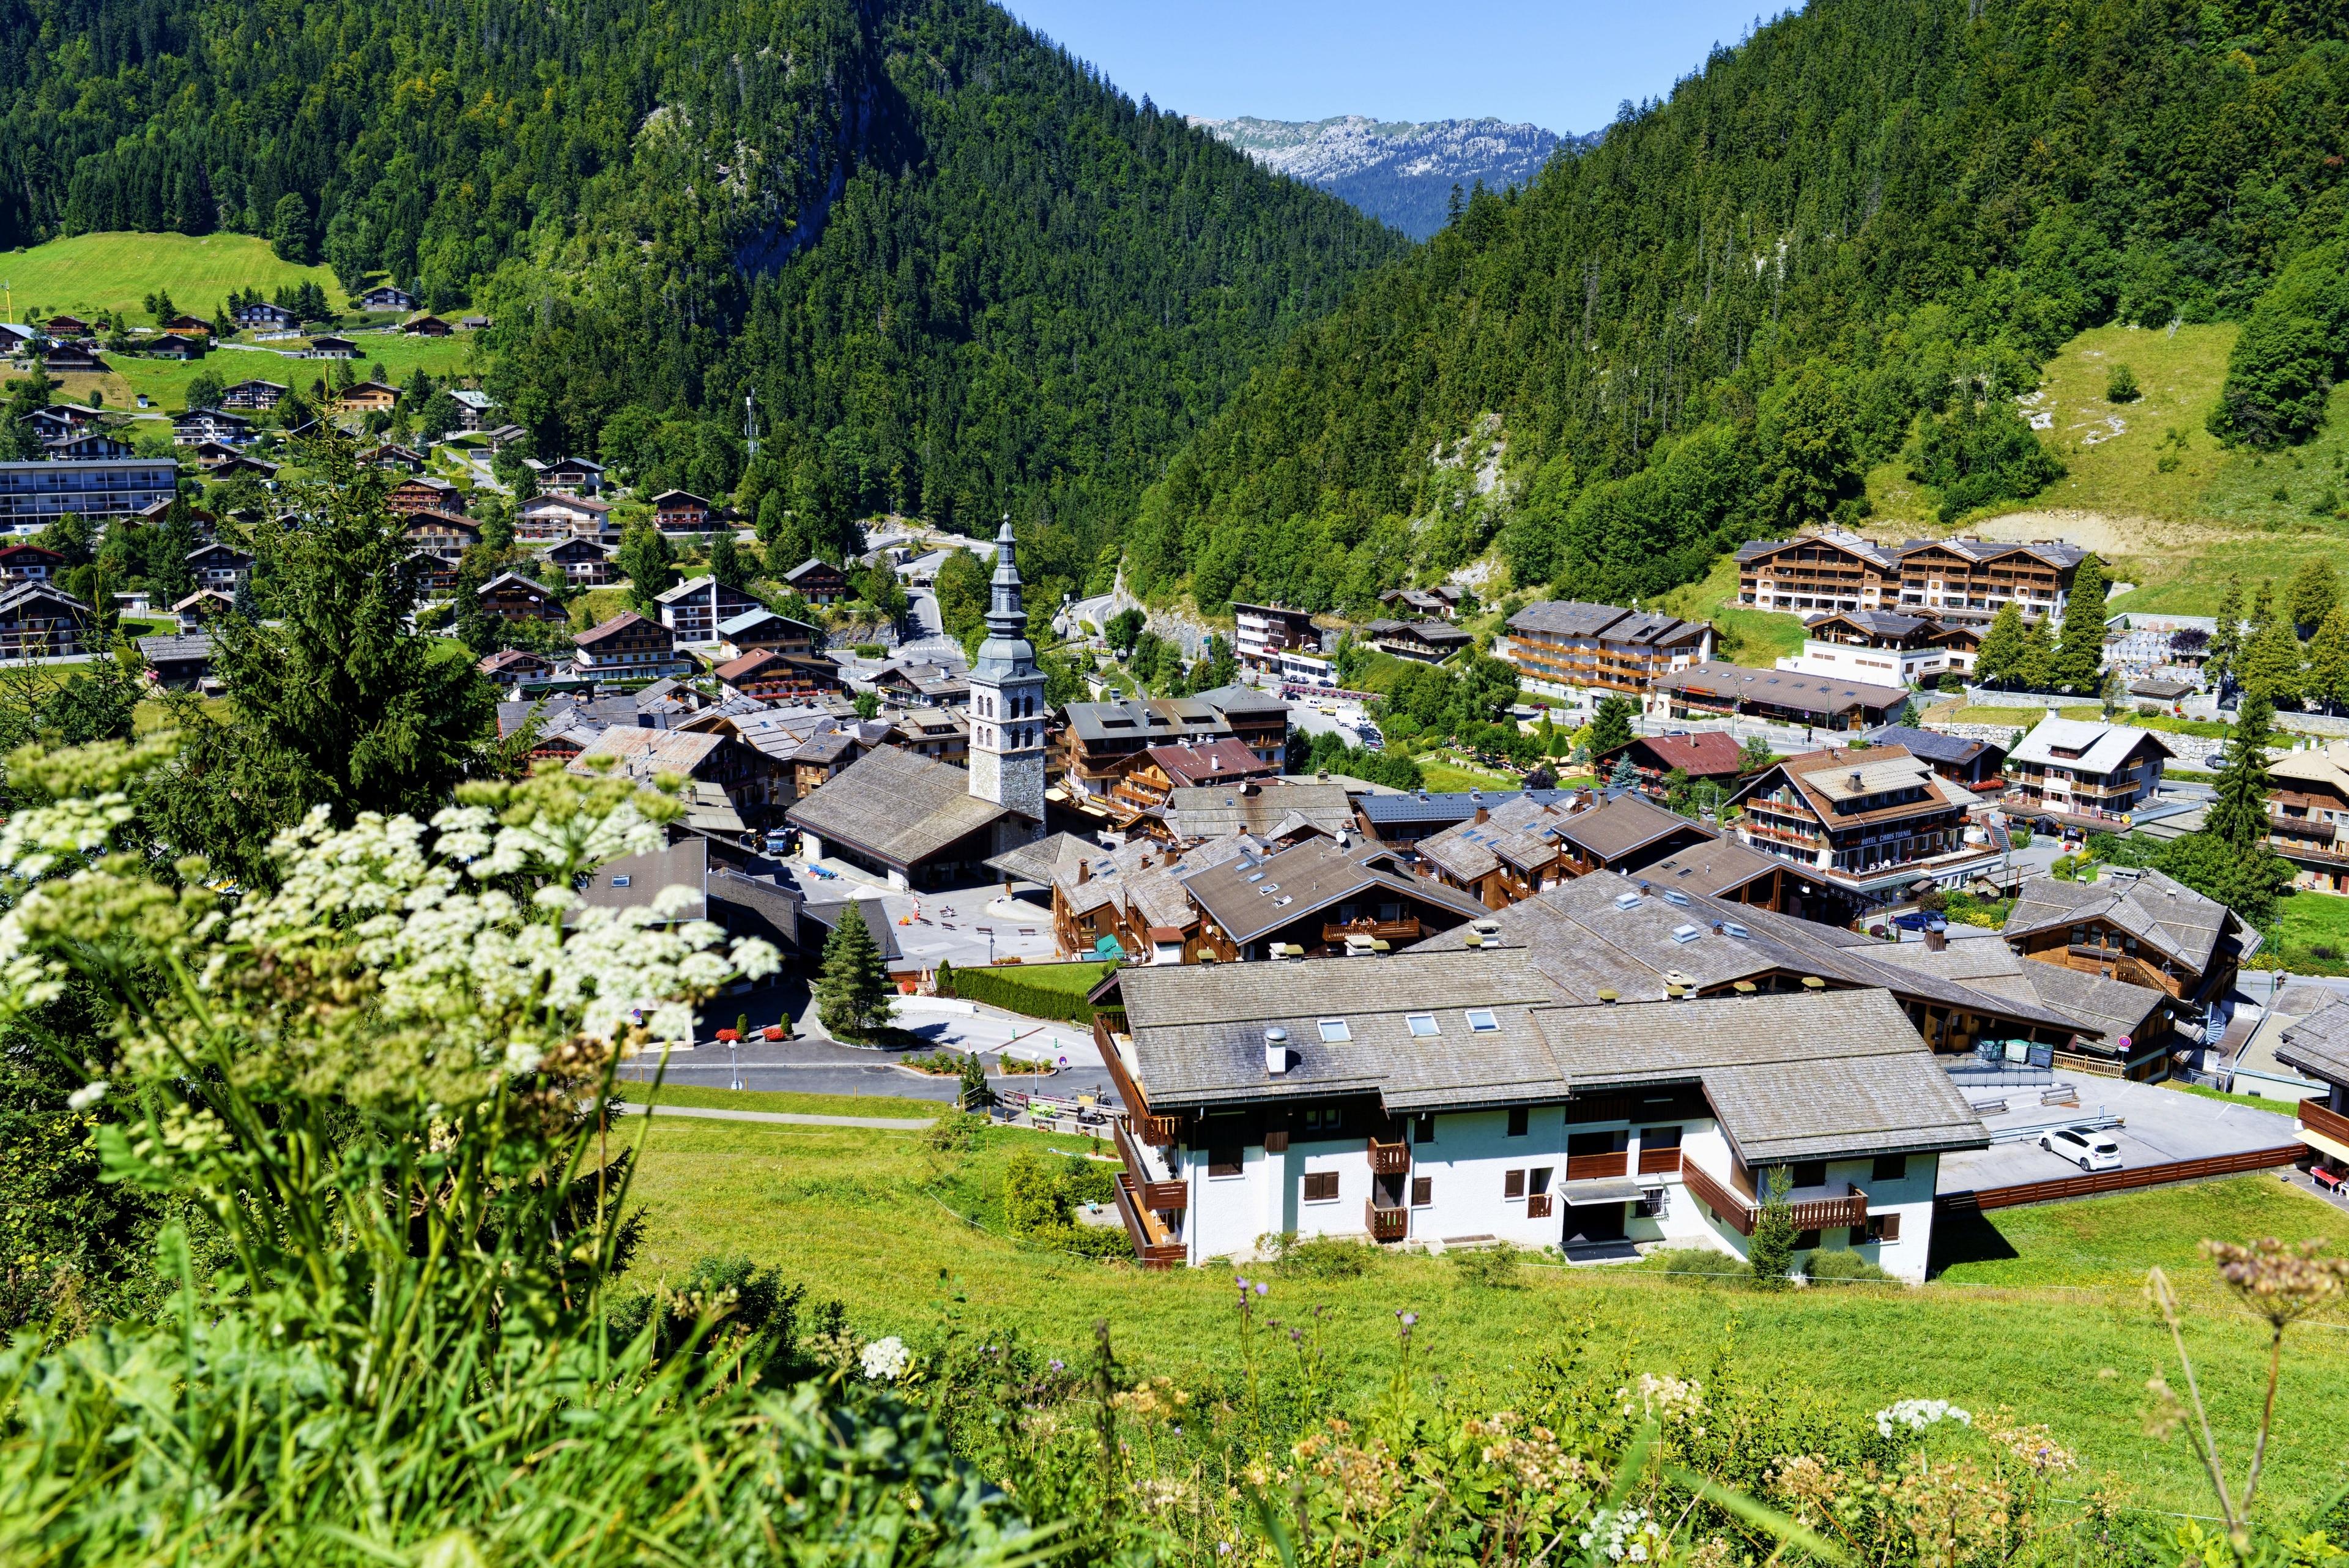 Estación de esquí de La Clusaz, La Clusaz, Alta Saboya (departamento), Francia